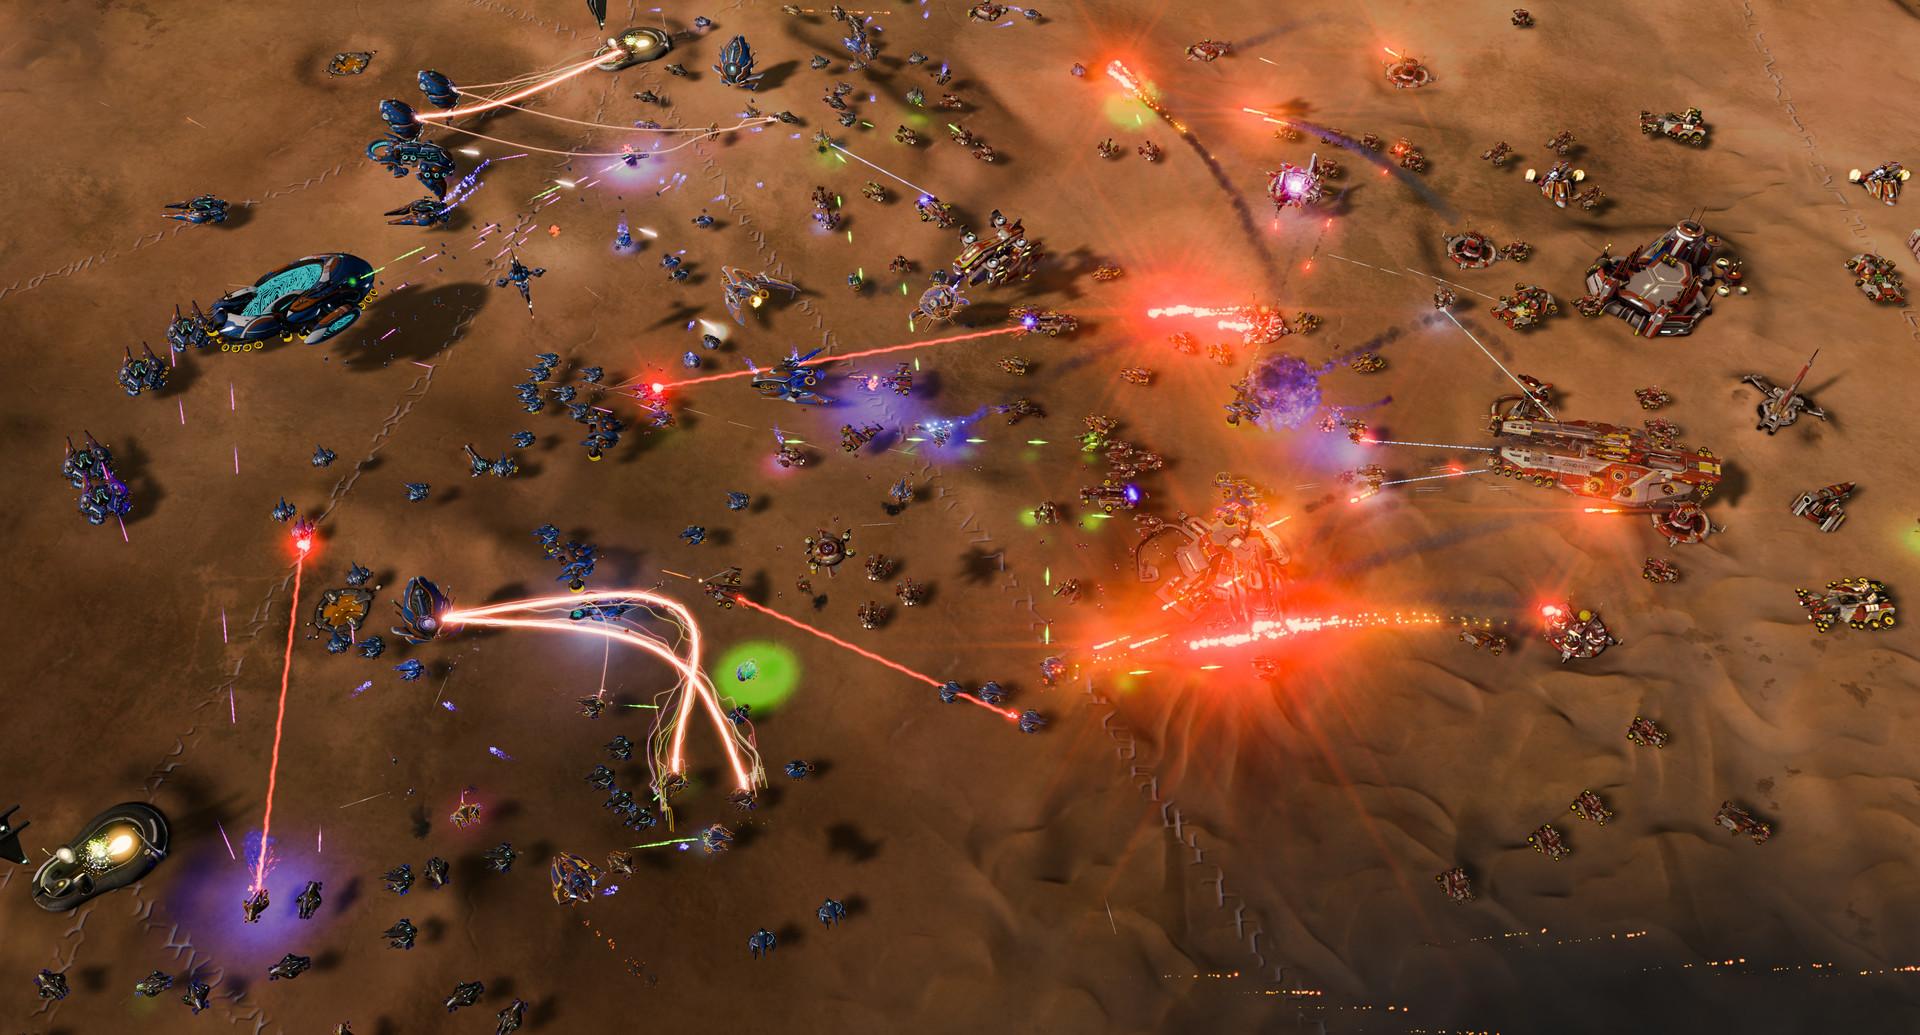 Giochi Gratis PC: Humble Bundle ci porta nello Spazio su Steam thumbnail